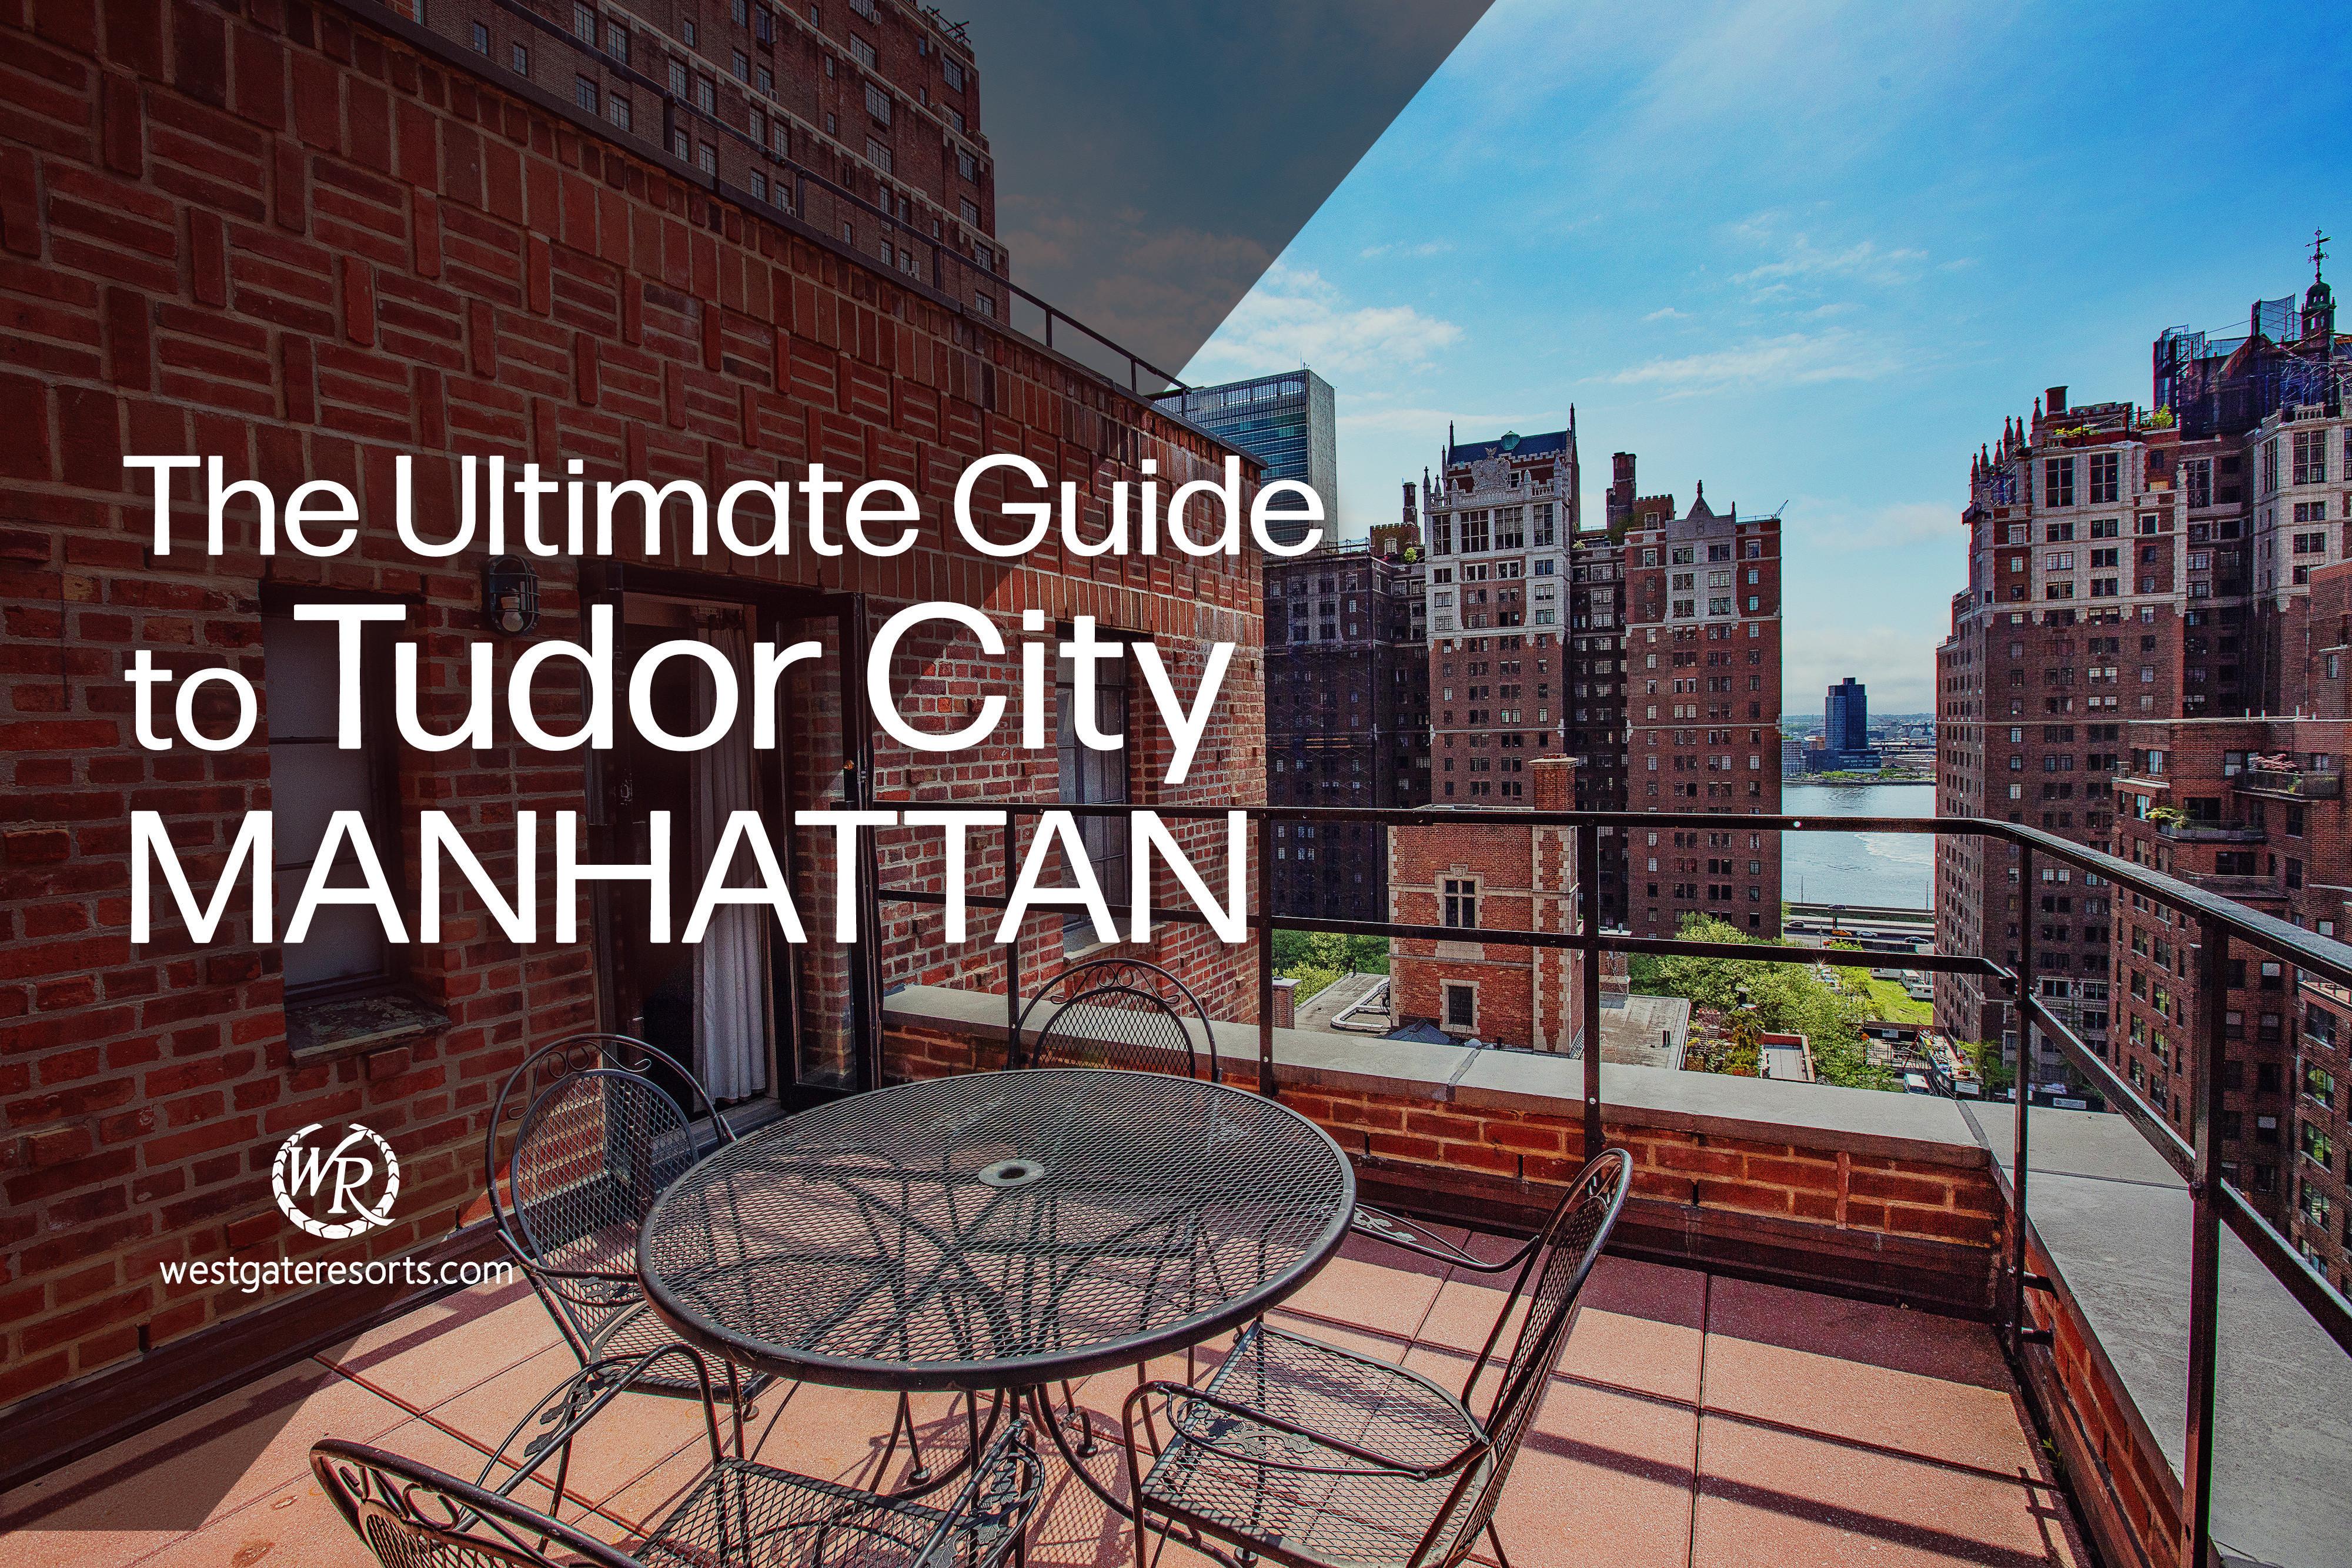 The Ultimate Guide to Tudor City Manhattan